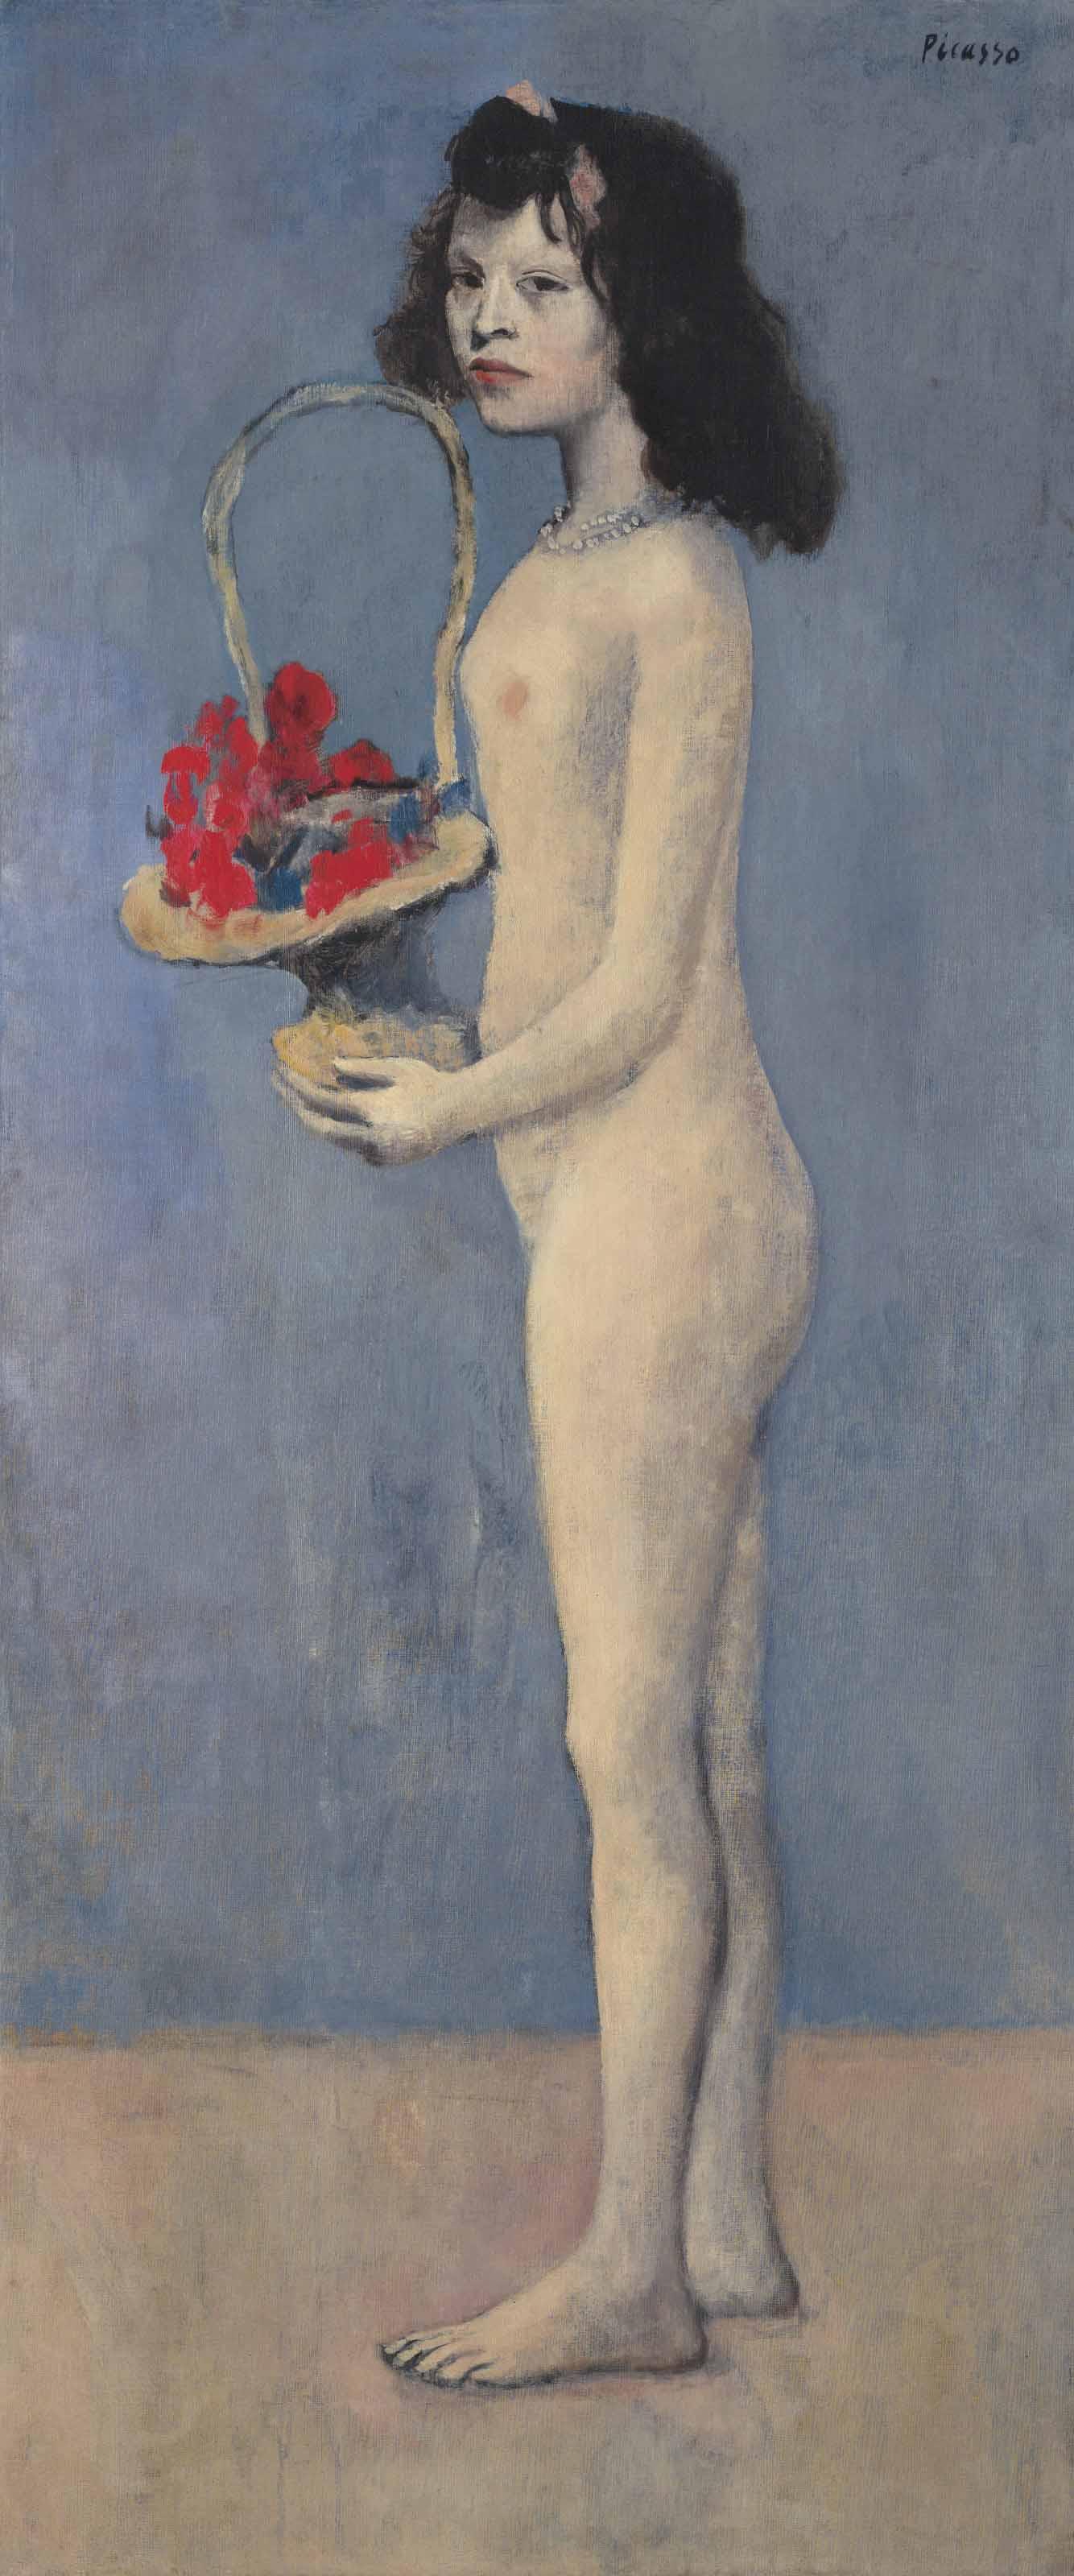 """8) """"La fillette à la corbeille fleurie"""" (1905) de Pablo Picasso, adjugé 115 millions de dollars chez Christie's à New York en mai 2018. (Mise à jour faite le 15 mai 2018)."""